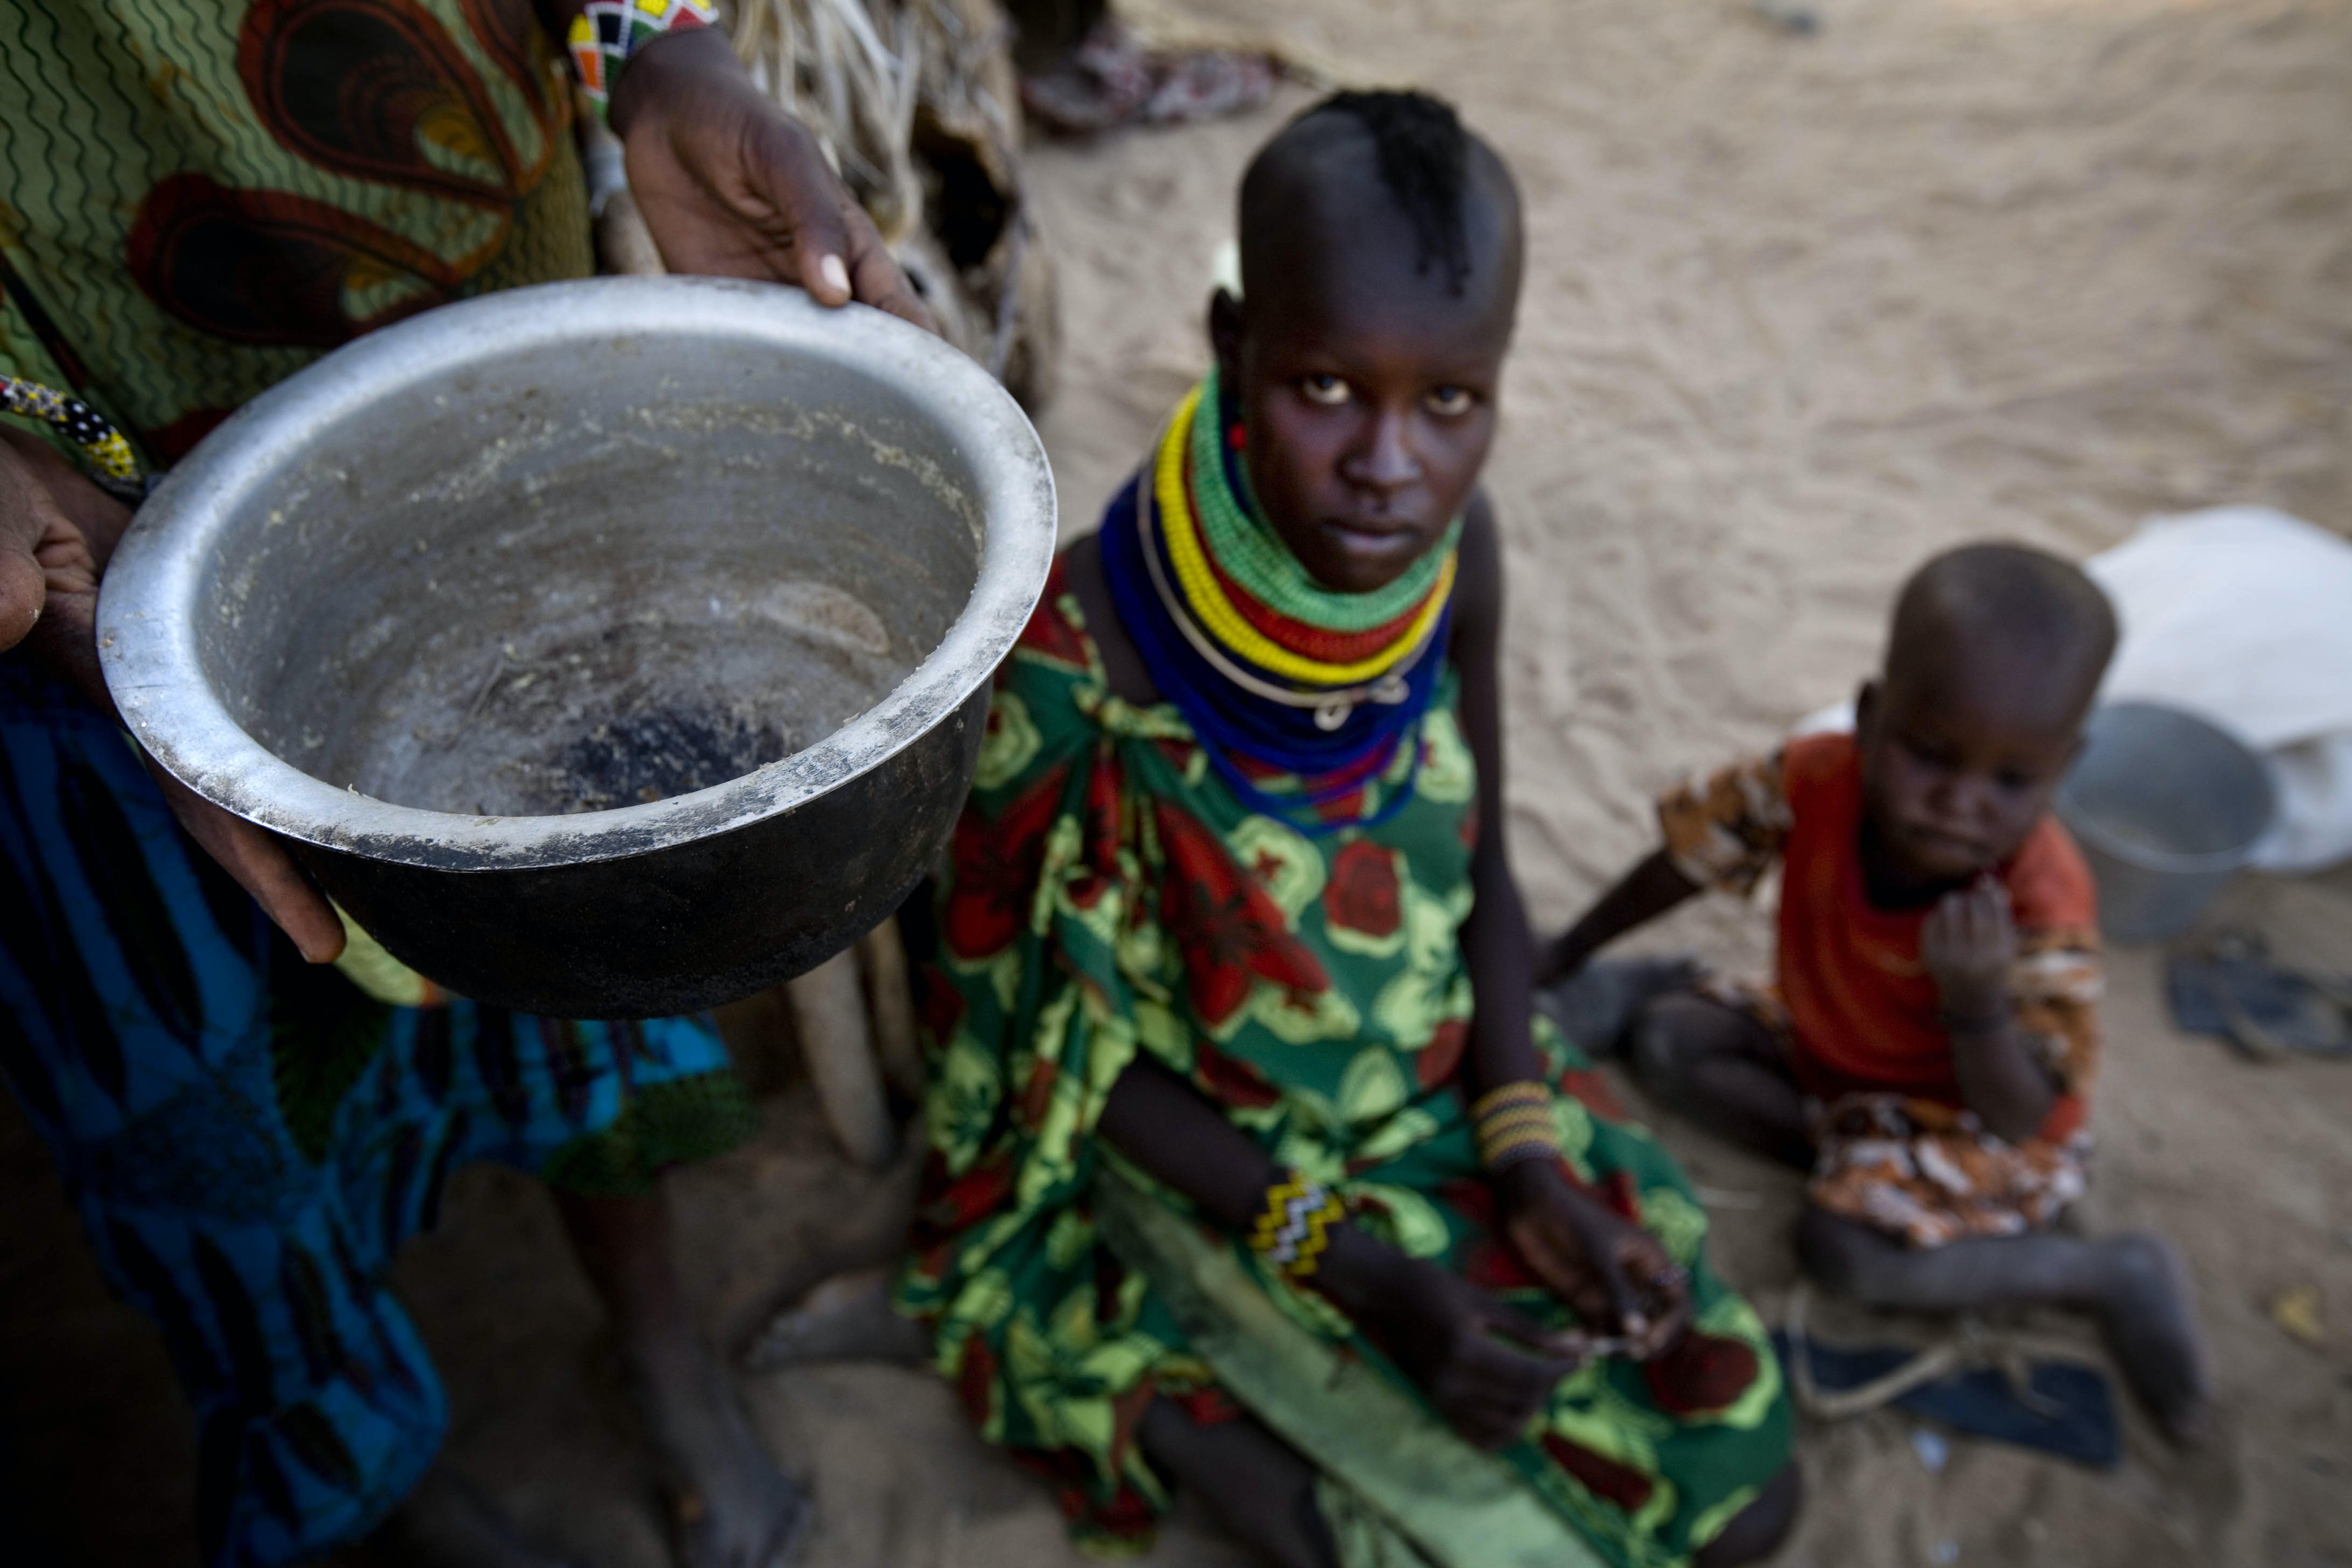 Una donna con i suoi due bambini nella città di Lodwar, al confine tra Kenya e Somalia - ©UNICEF/NYHQ2011-1034/K.Holt